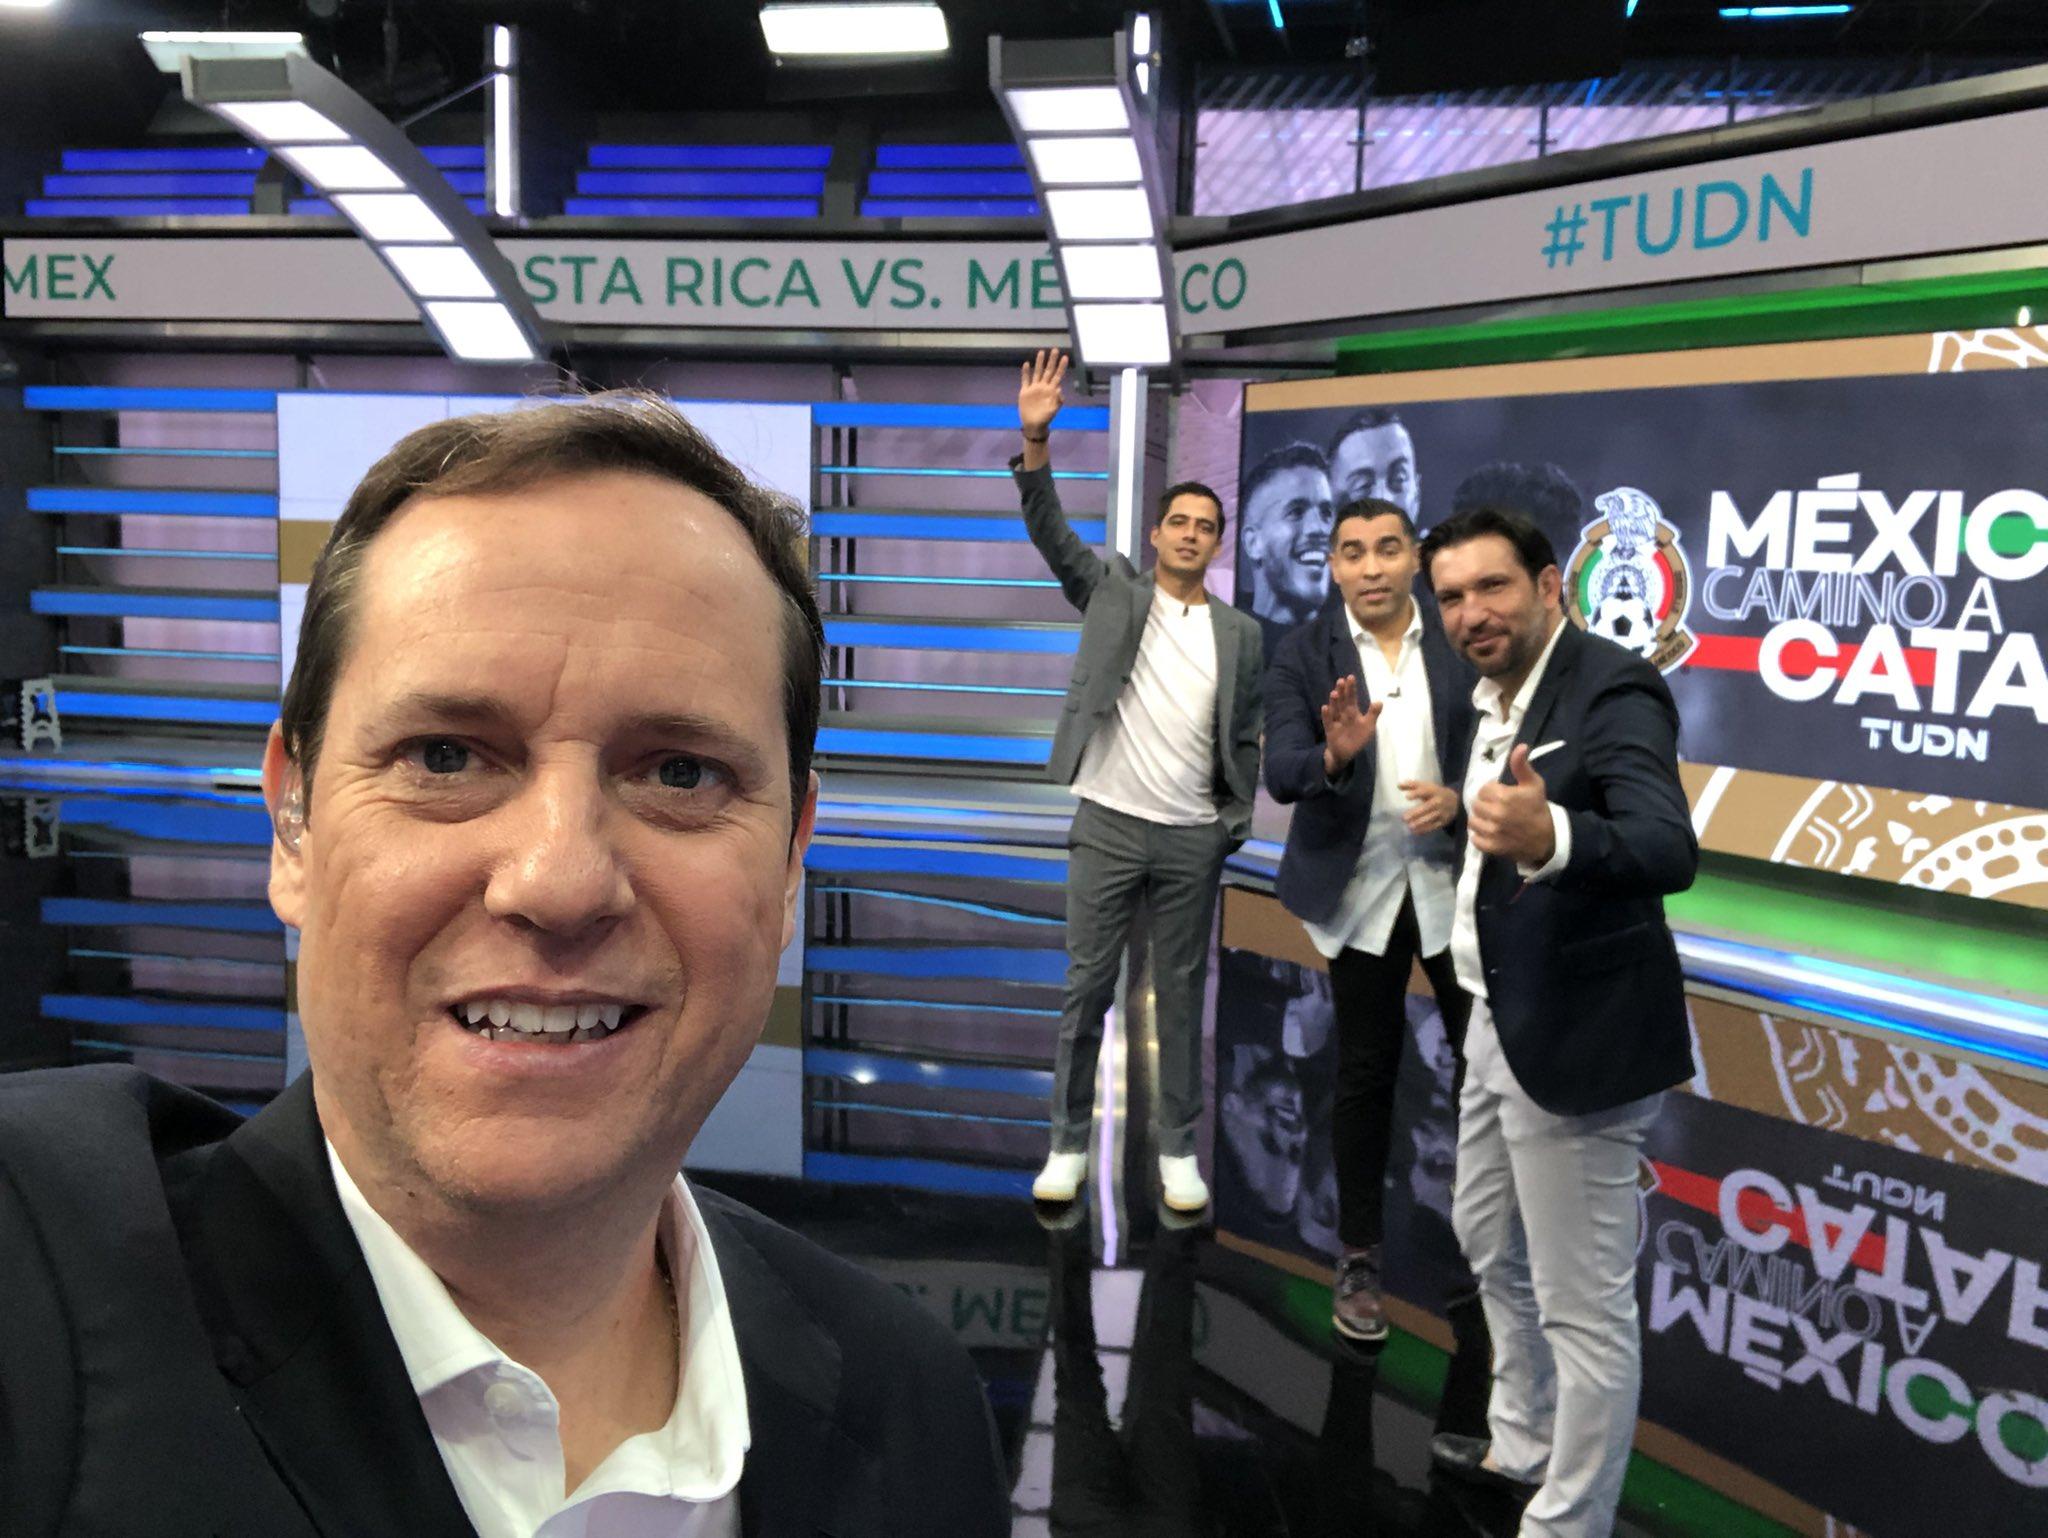 Rechaza comentarista de Televisa que lo hayan regañado. Foto: Twitter